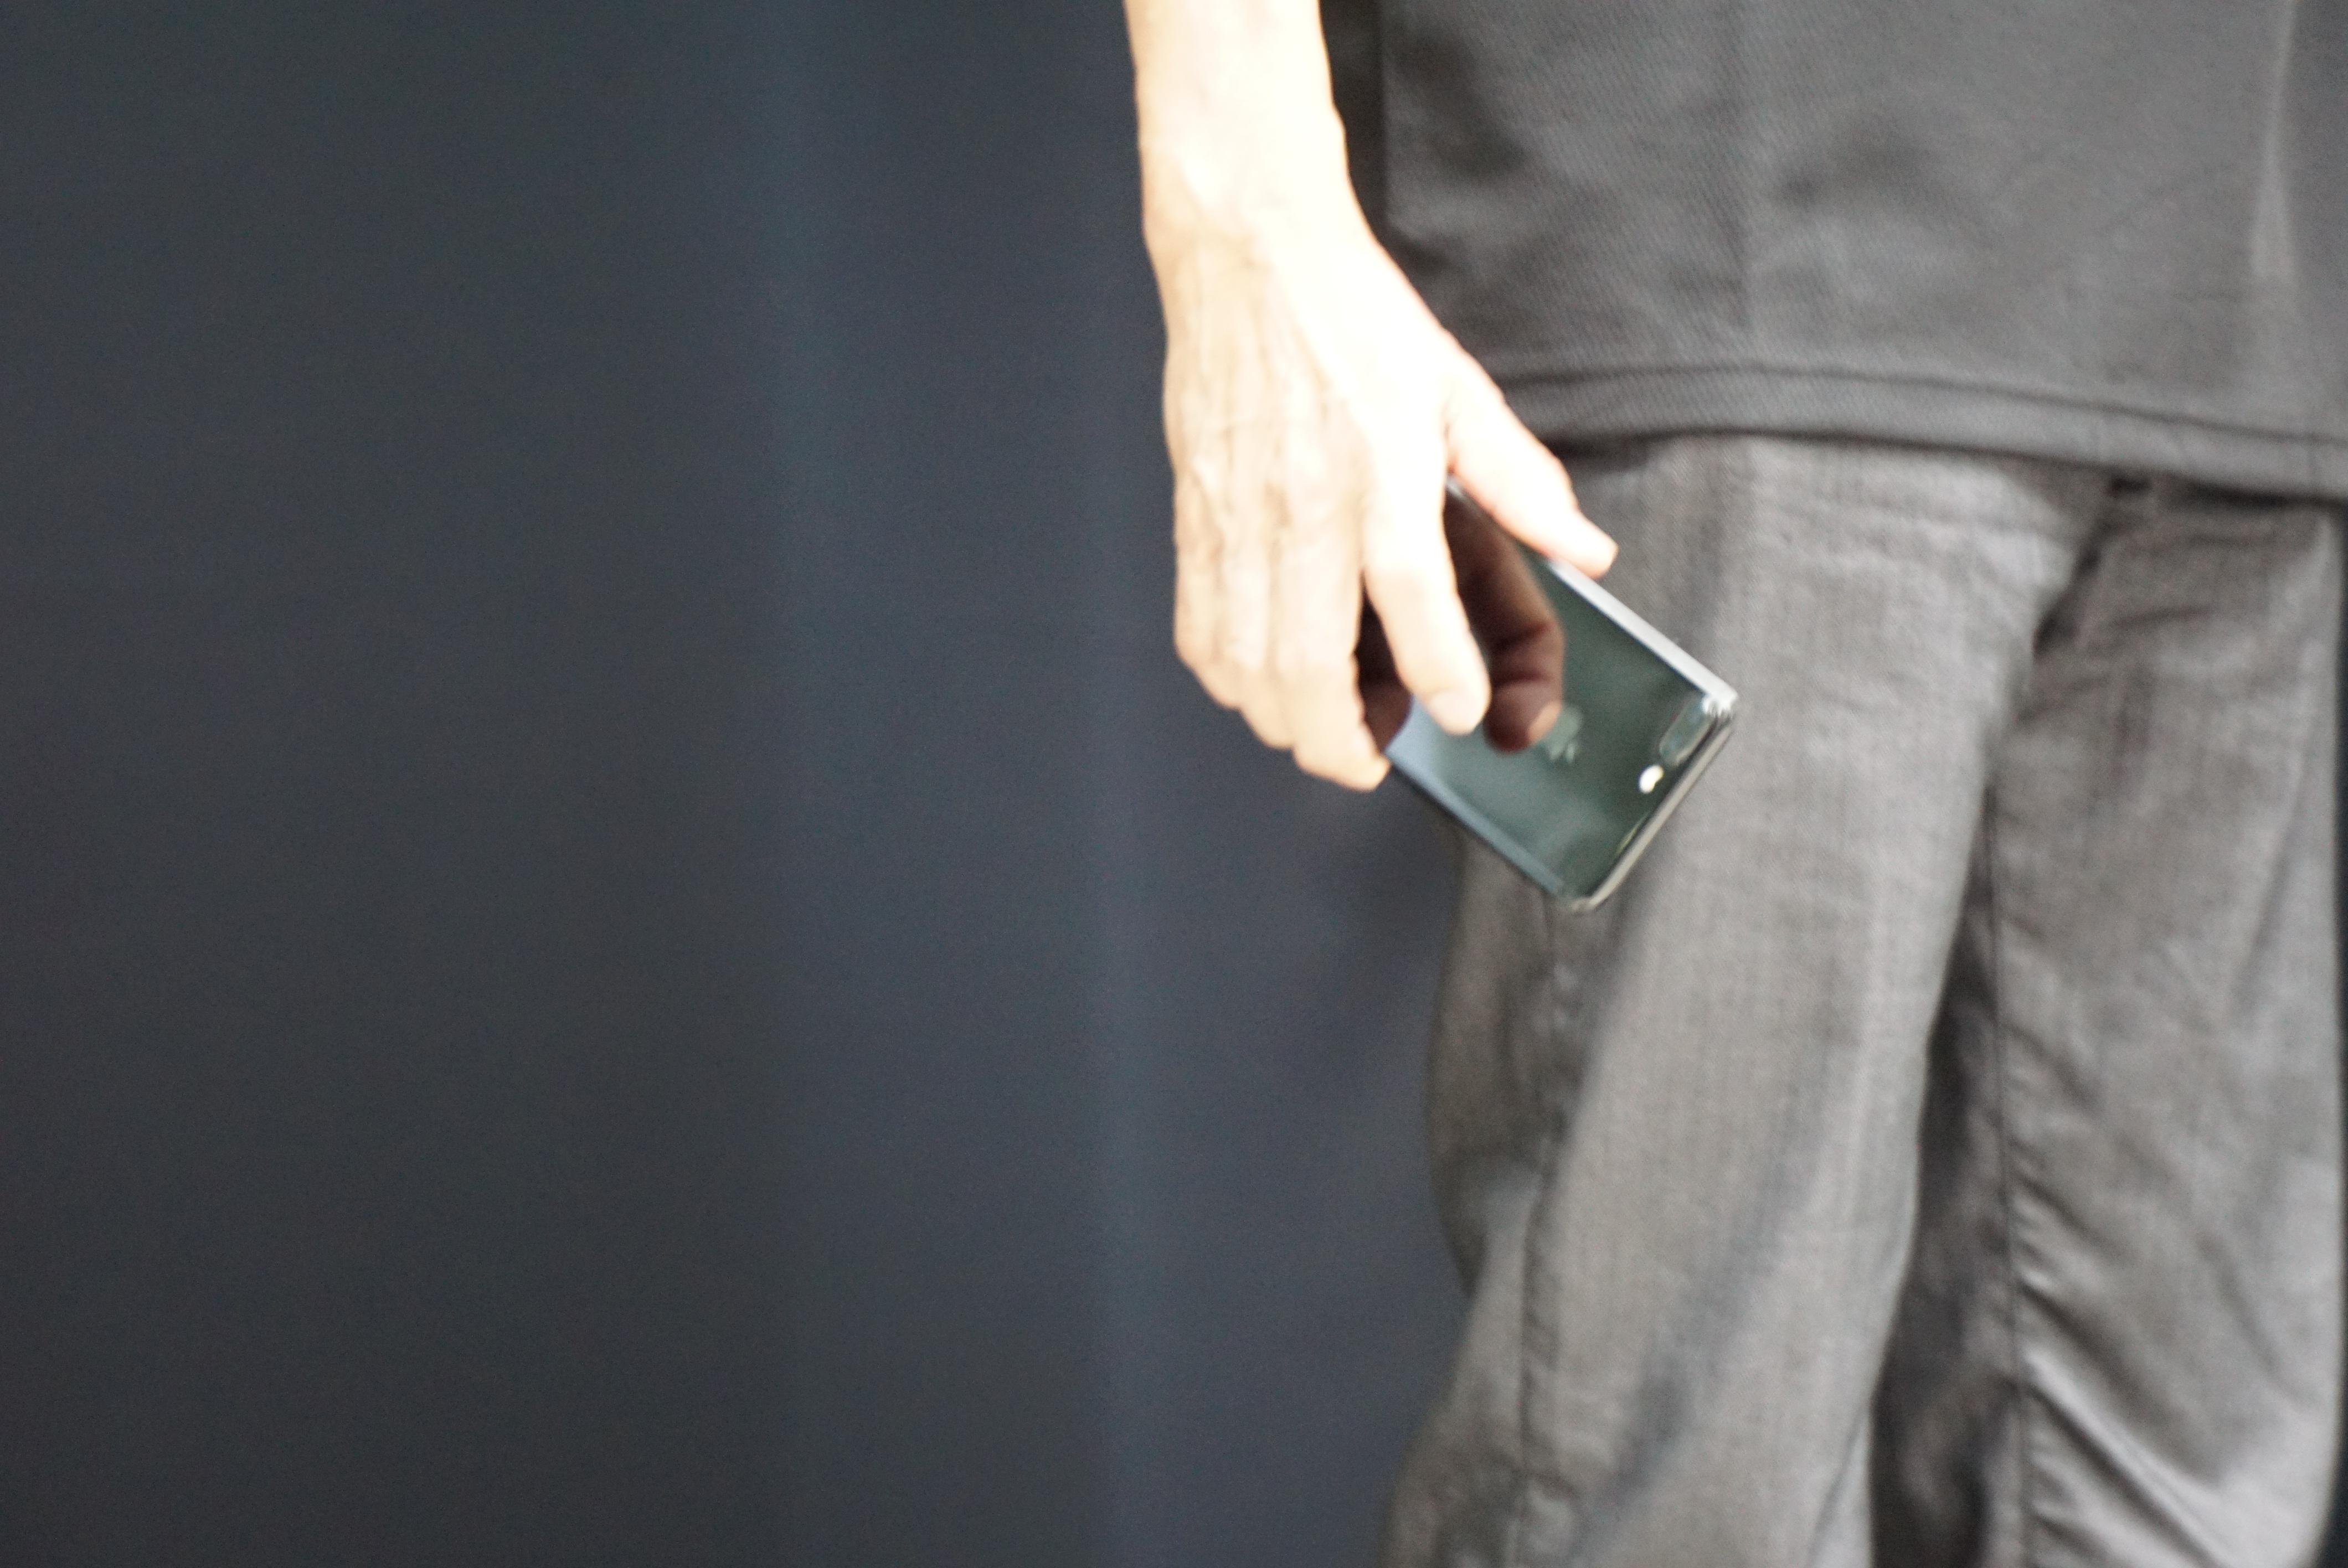 ソフトバンク、iPhone 7 / iPhone 7 Plusの予約数が過去最高。予約の5割超がブラック系